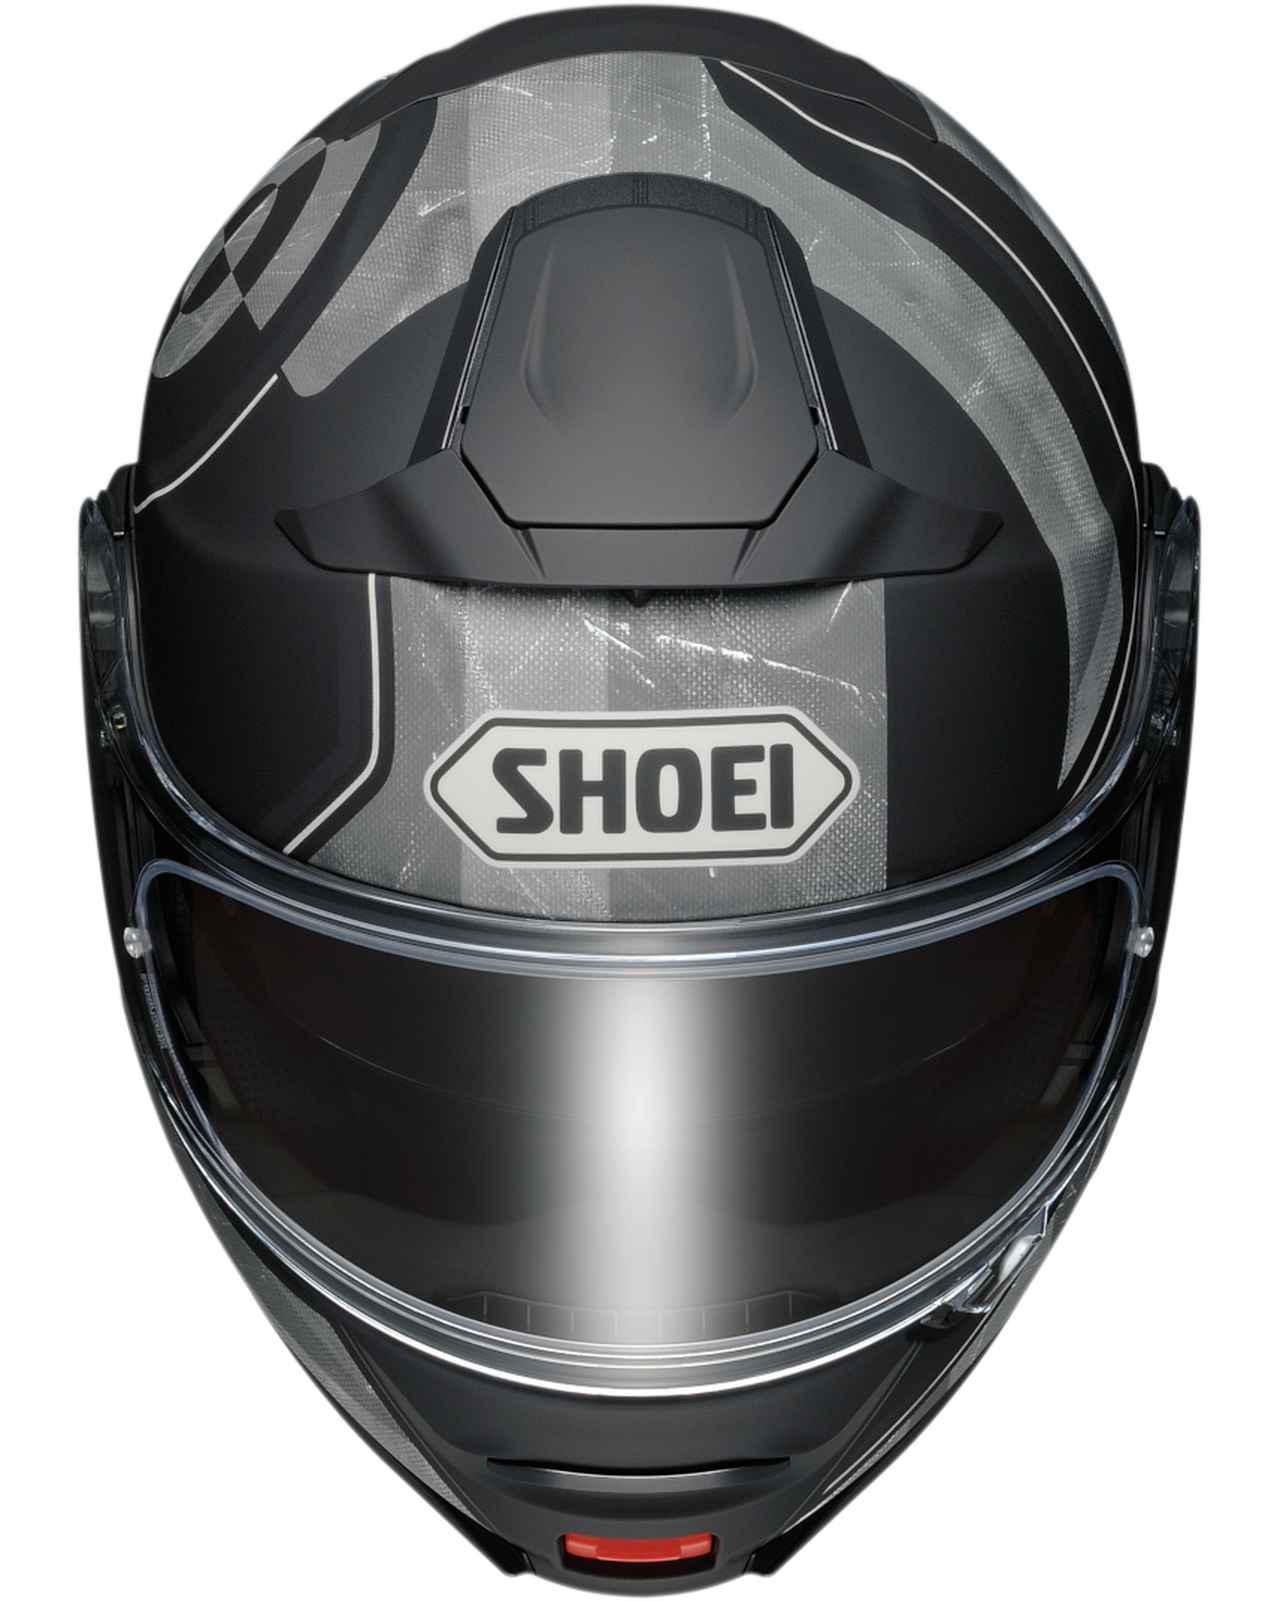 画像3: SHOEIのシステムヘルメット「ネオテックII」に新たなグラフィックモデル「ジョーント」が登場! カラーは3色